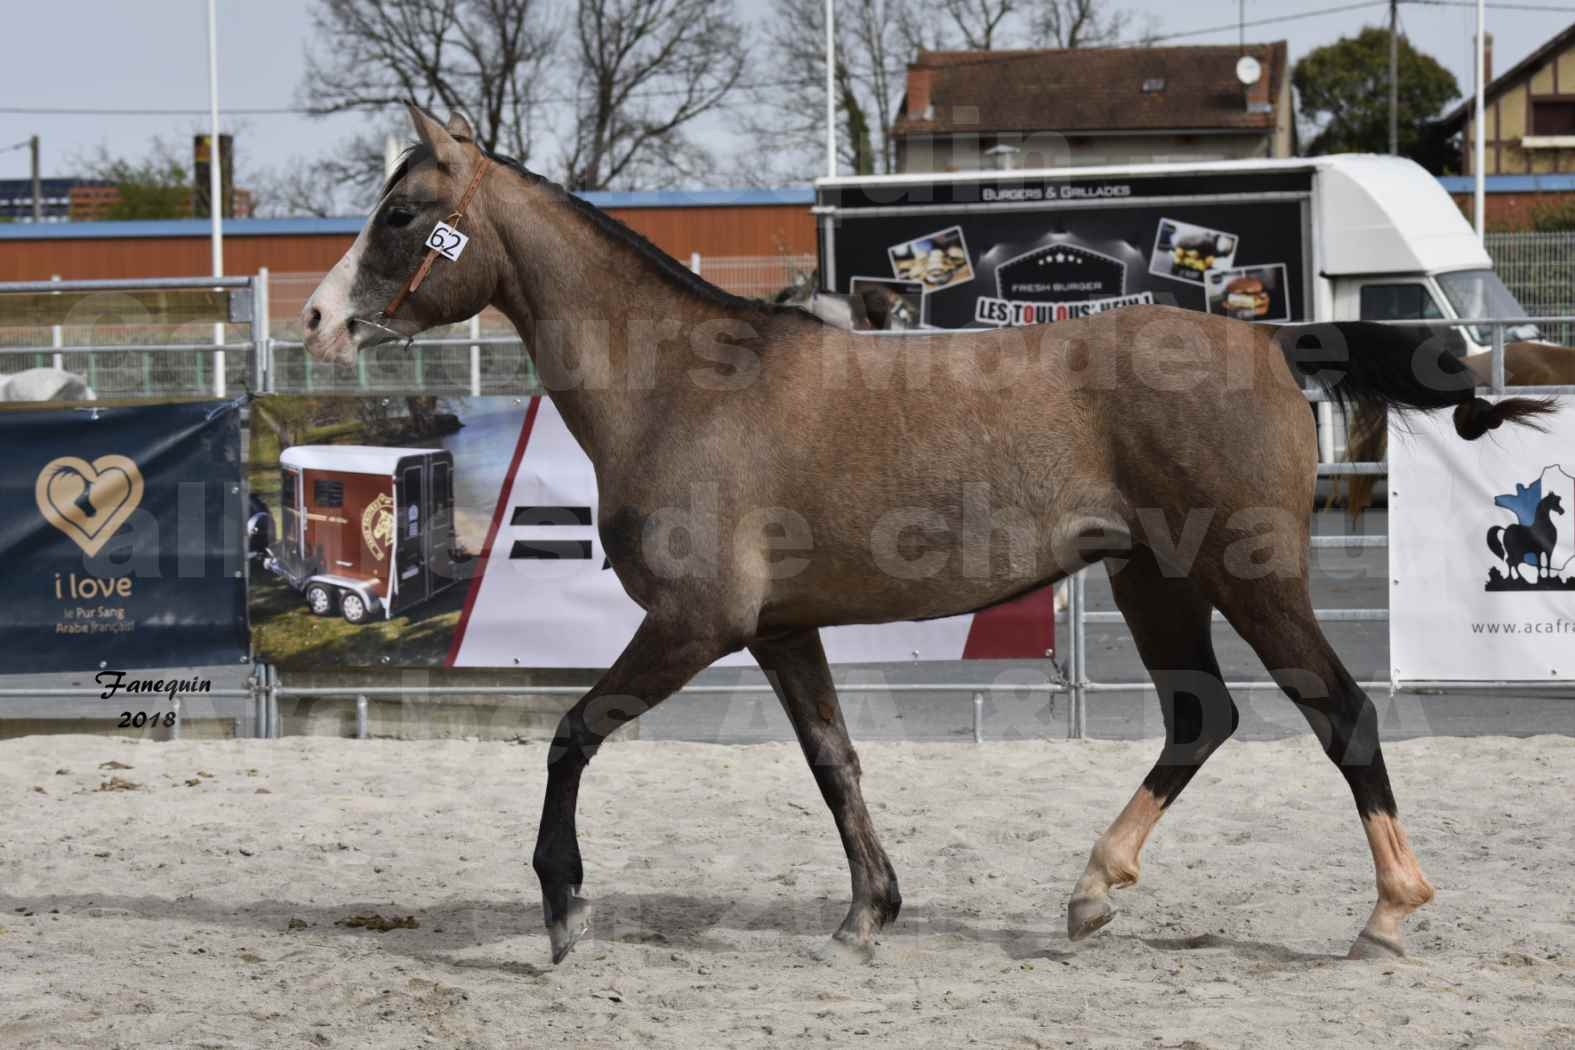 Concours d'élevage de Chevaux Arabes - D. S. A. - A. A. - ALBI les 6 & 7 Avril 2018 - FLORIA DU PUECH - Notre Sélection 02